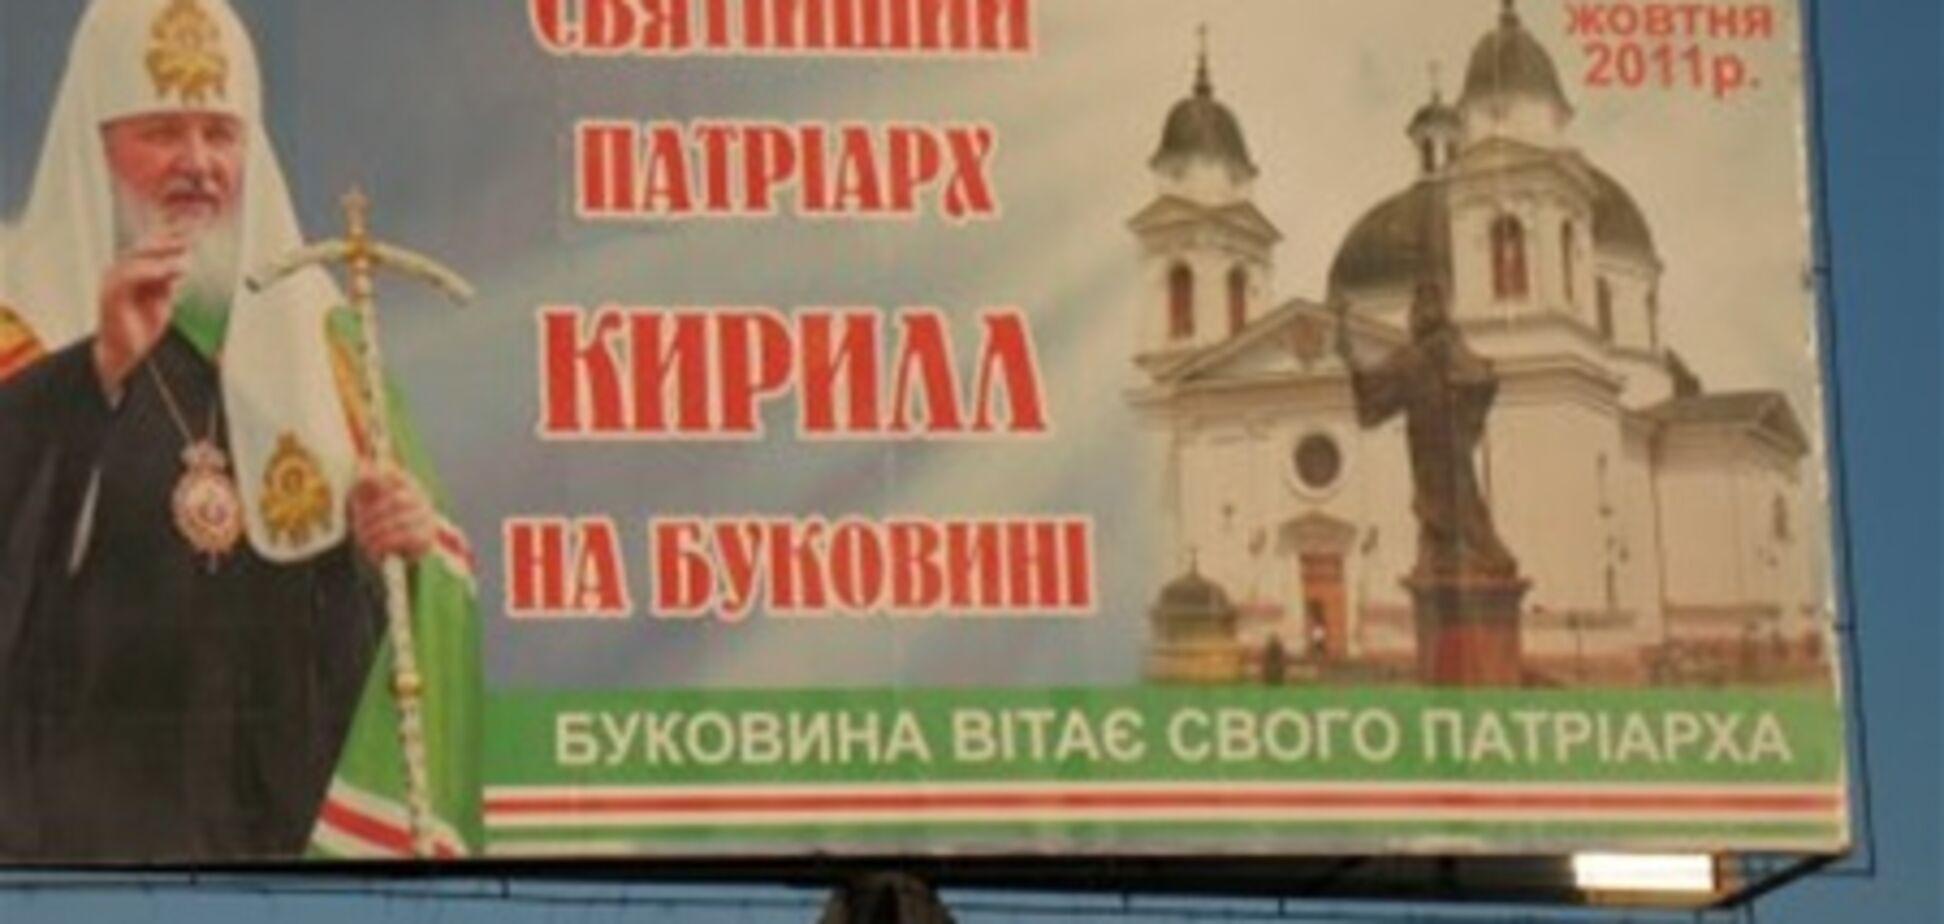 УНП виступає проти білбордів із Патріархом Кирилом